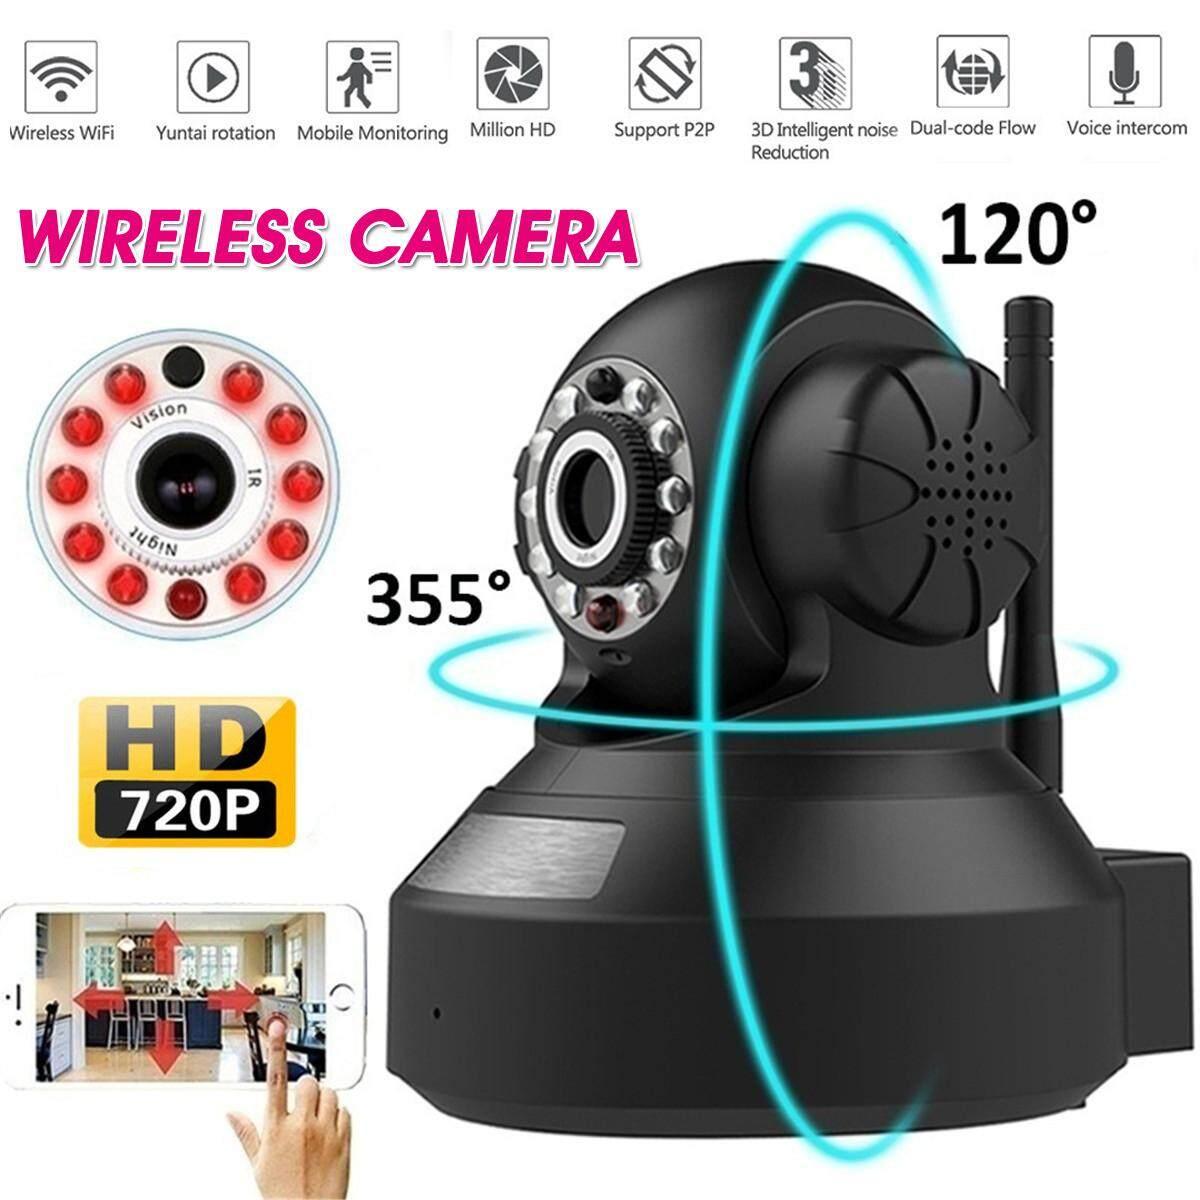 720 P Camera Không Dây Hồng Ngoại Quan Sát Ban Đêm Thoại Liên Lạc Nội Bộ Màn Hình-Phích Cắm ChÂu Âu By Autoleader.